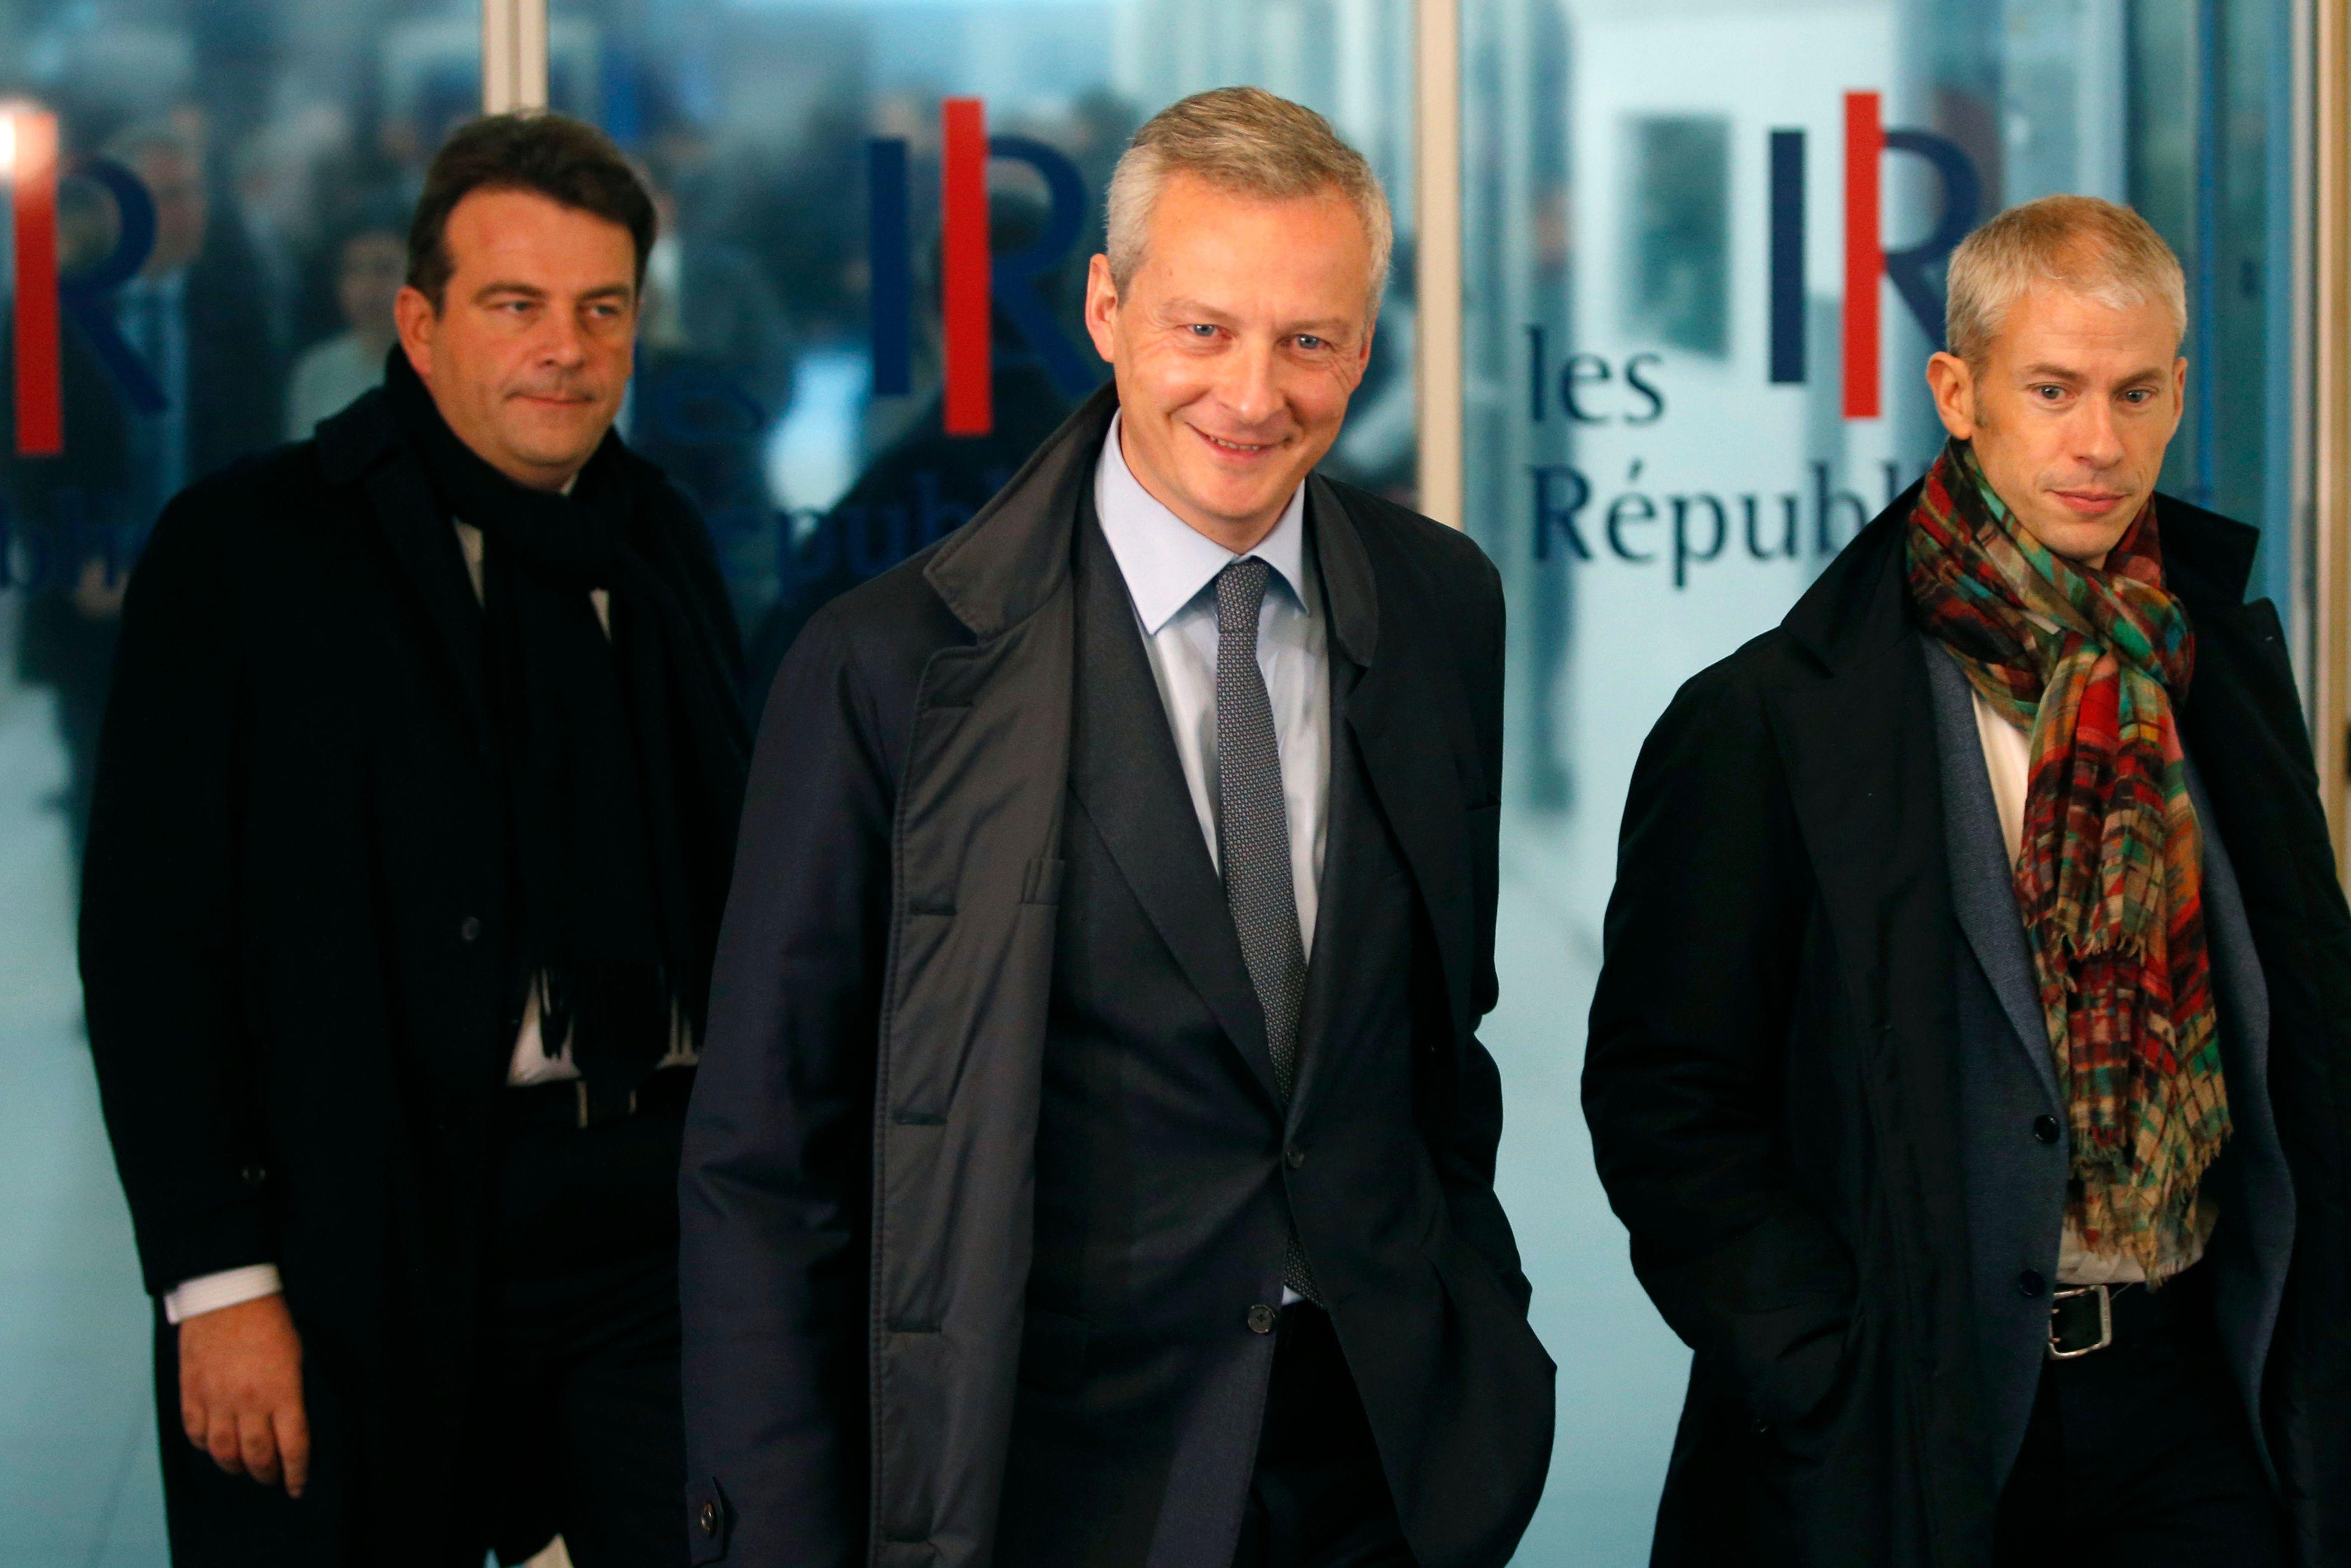 """Laure de la Raudière : """"Bruno Le Maire incarne aujourd'hui le créneau du renouveau"""""""